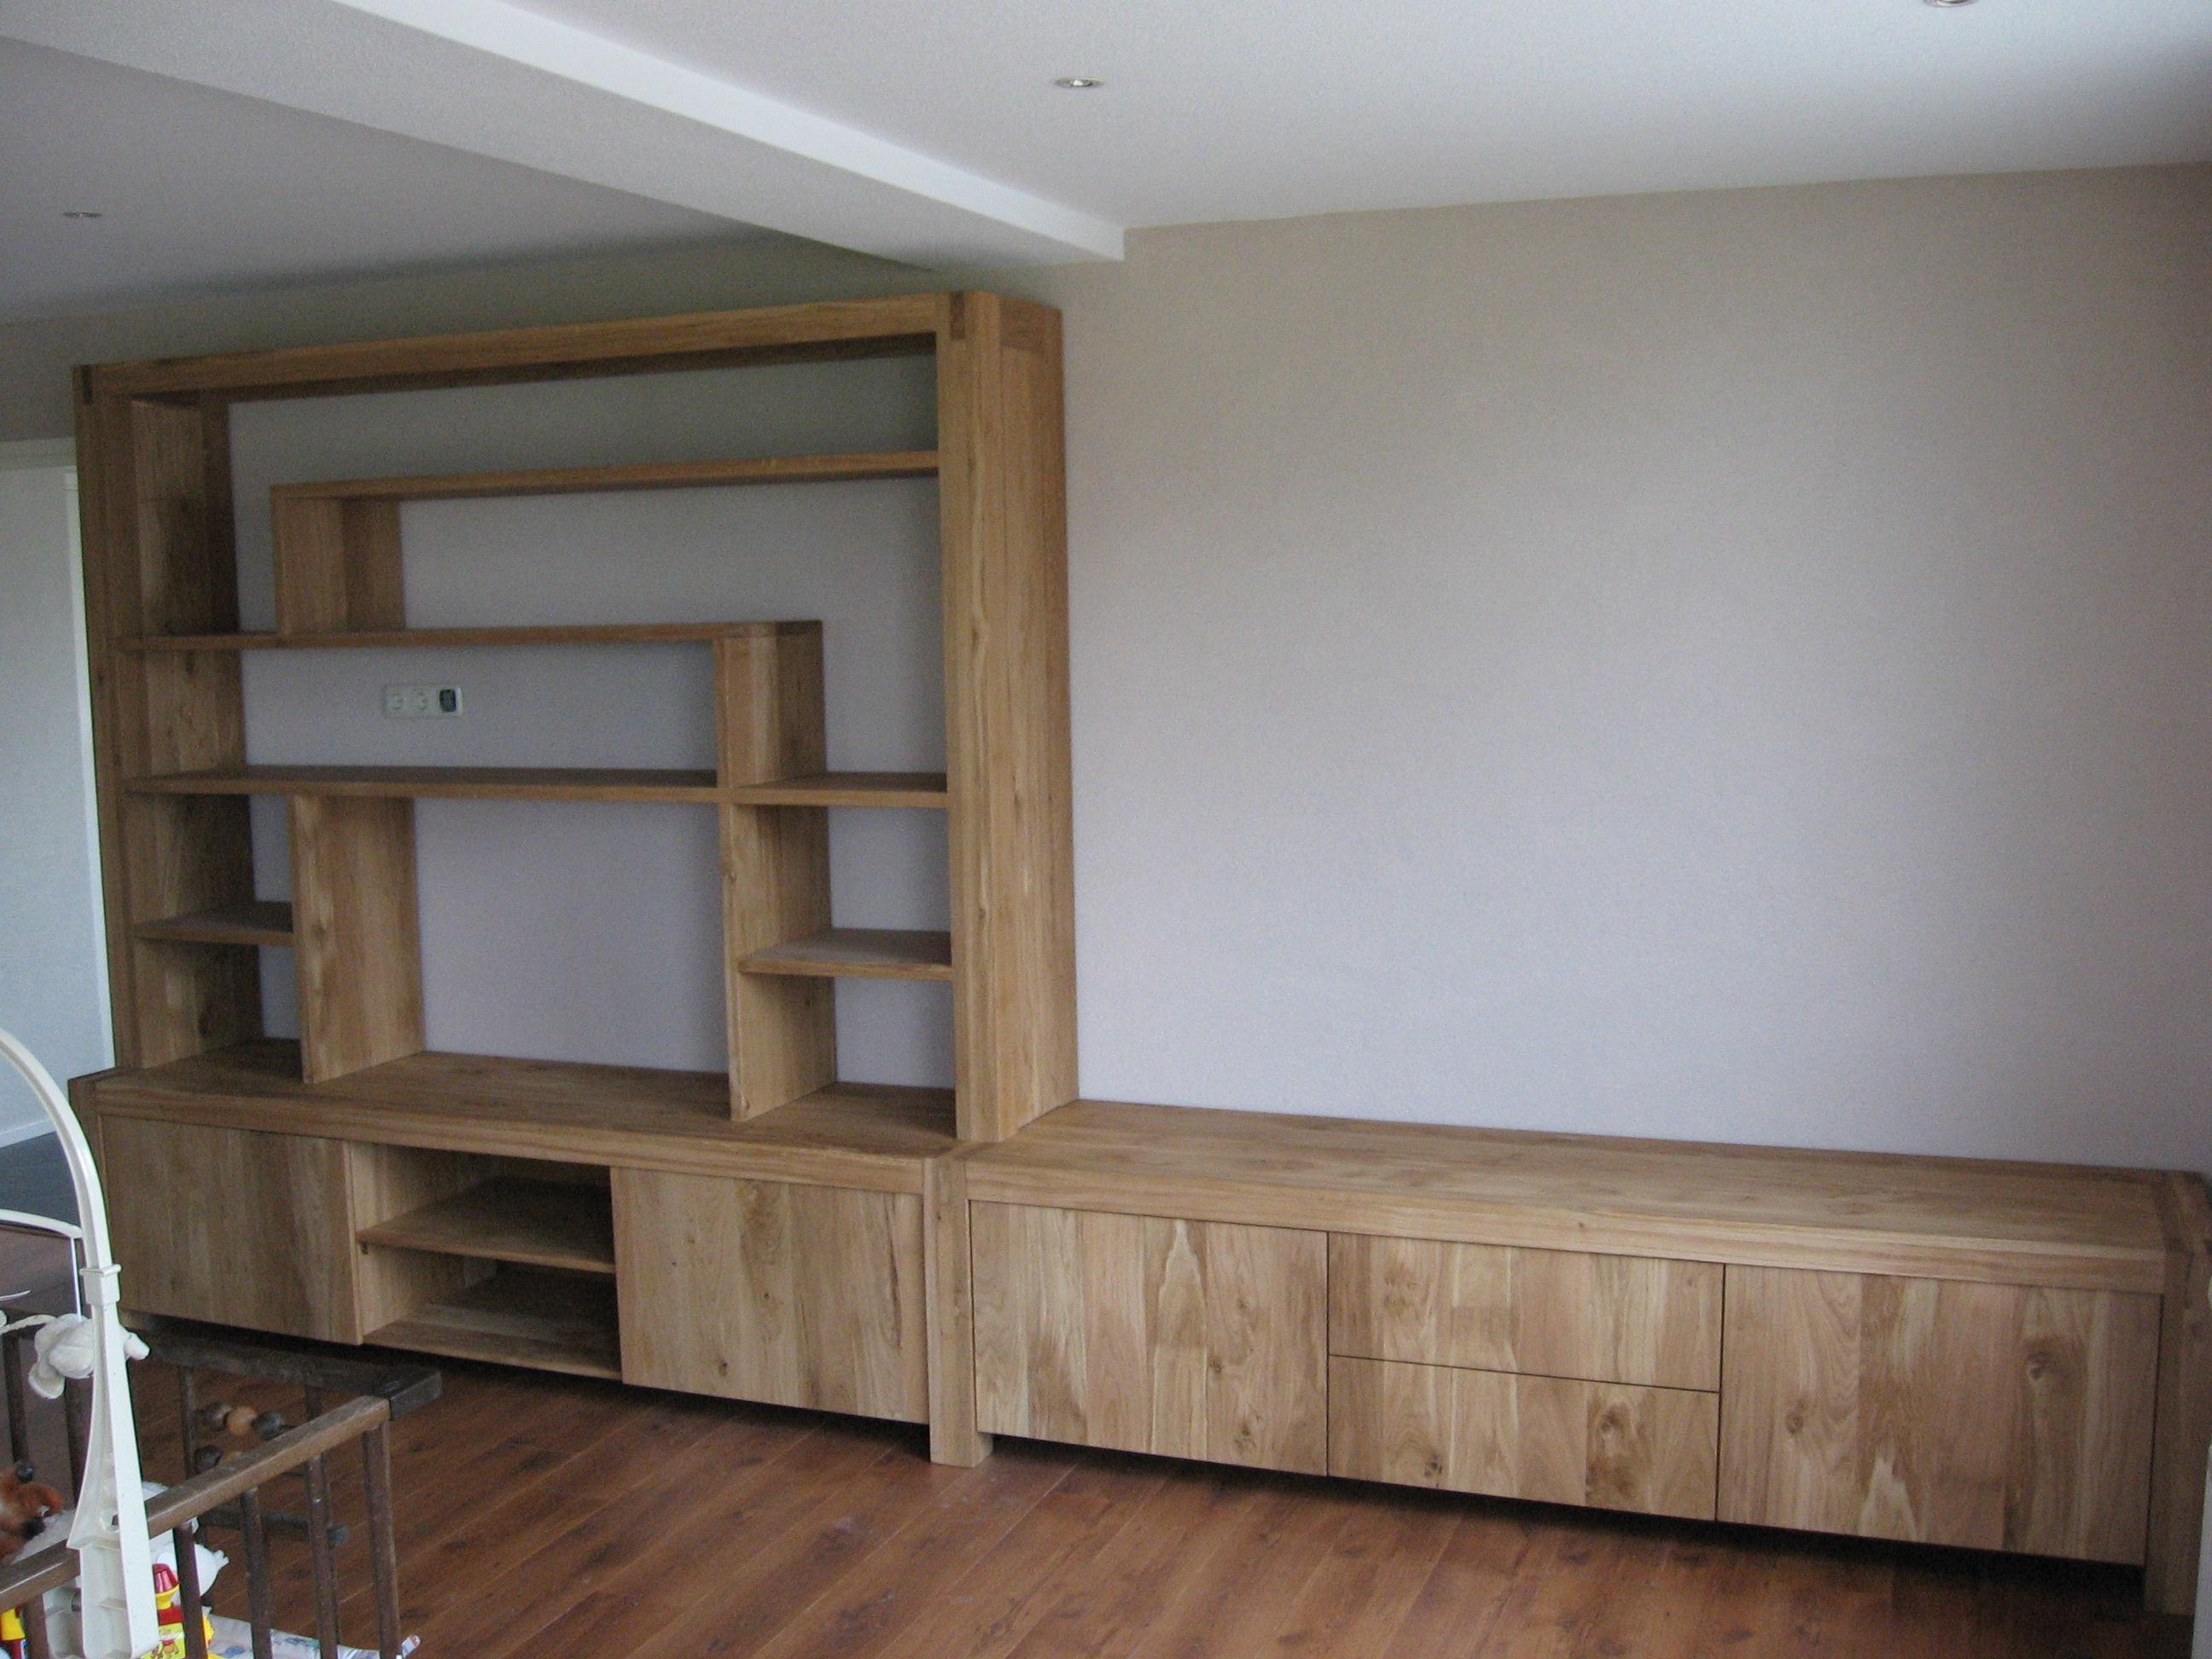 Boekenkast tv meubel eikenhout blanke olie | Te Boveldt ...